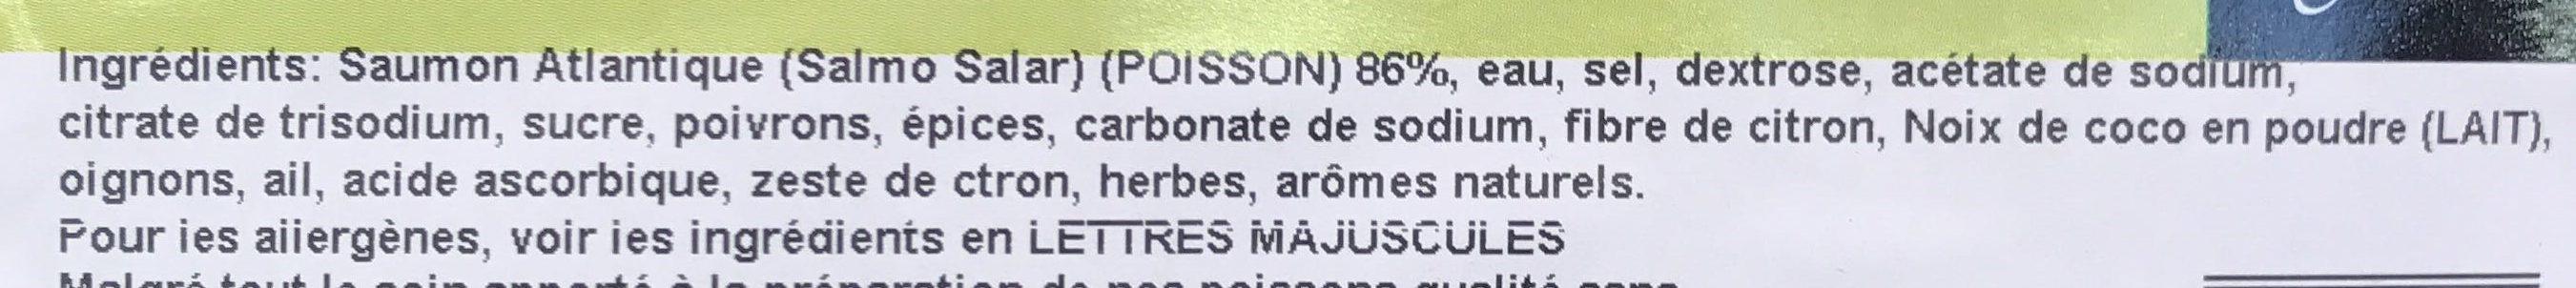 Pavés de Saumon Cru Façon Thaï - Ingrédients - fr